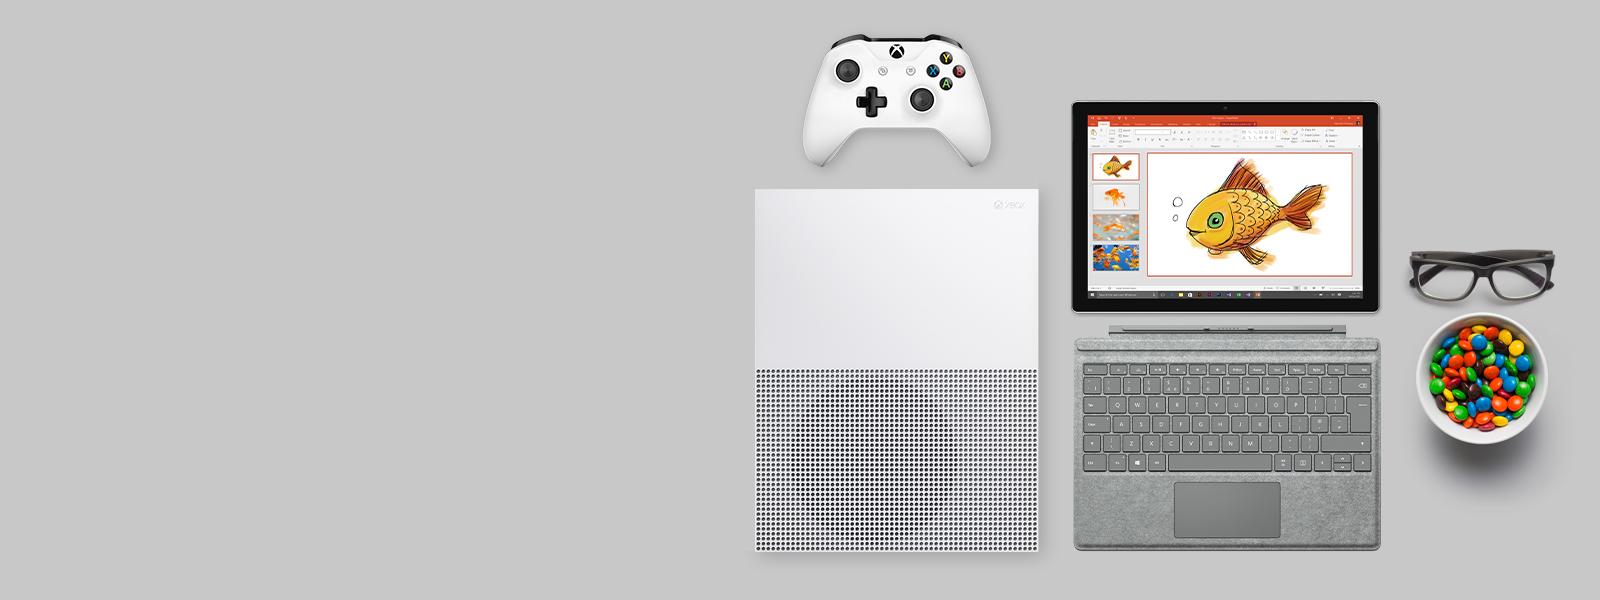 Eine Xbox One S mit Wireless Controller und ein Surface Pro mit Signature Type Cover zusammen mit einer Schale mit Schokolinsen und einer Brille abgebildet